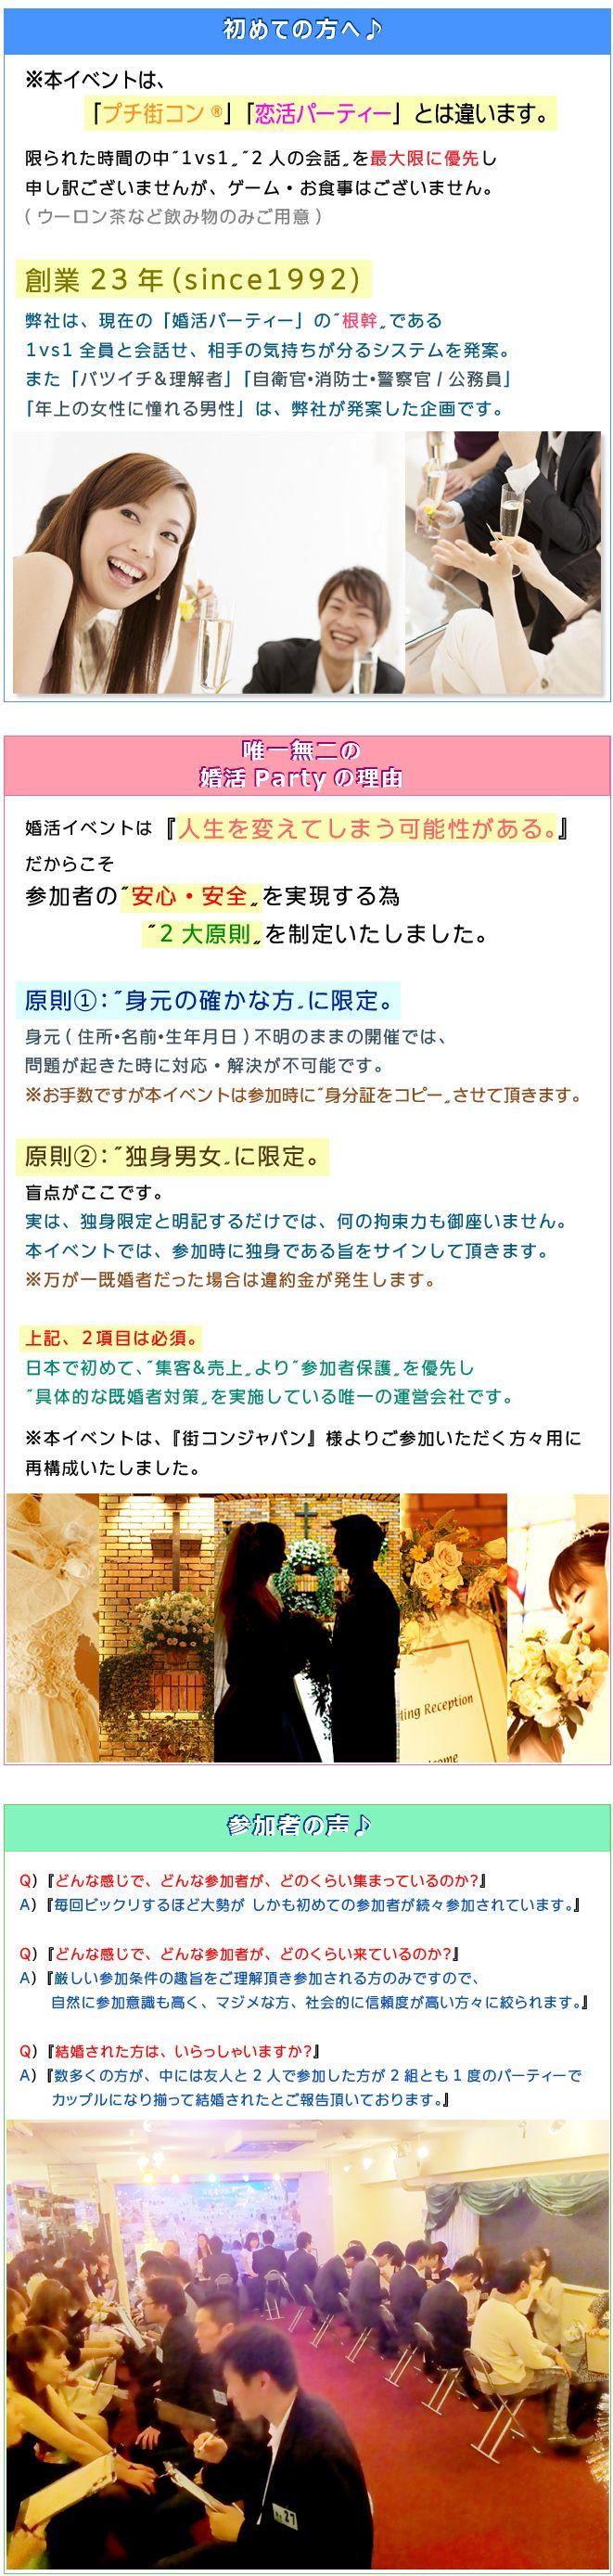 婚活party-内容01-01